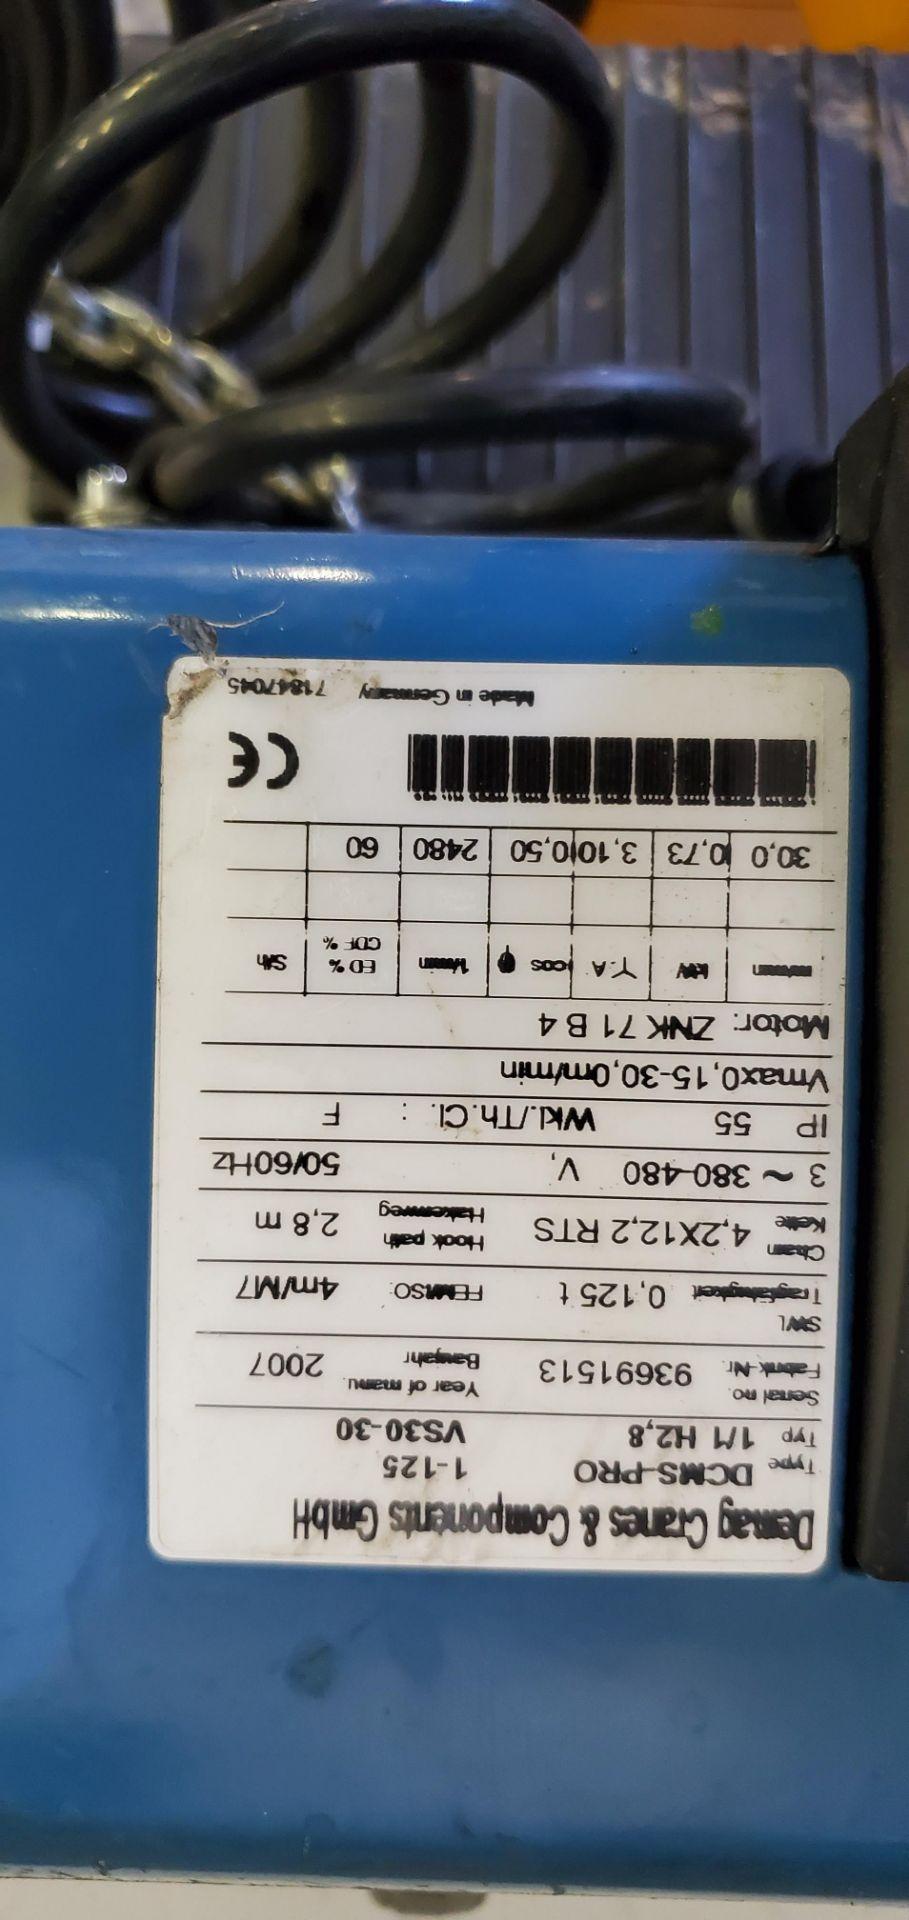 Lot 480 - Demag Pro Manulift with DSM-CS Control 125 kg, 3 phase, 380/480 v